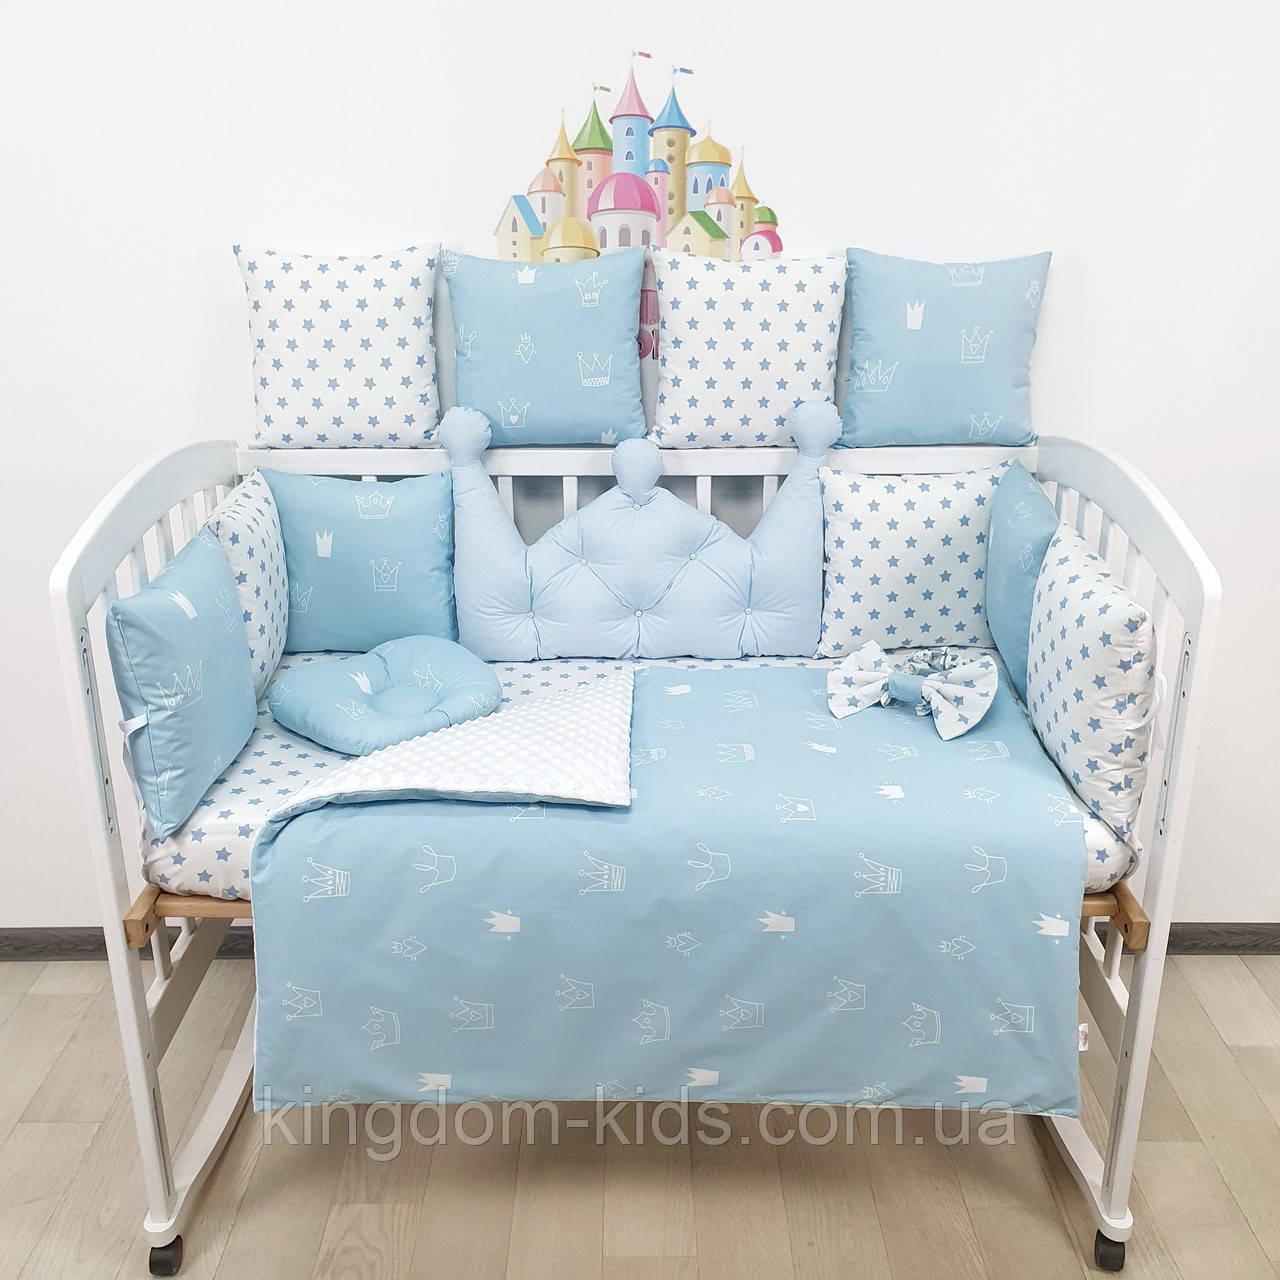 Комплект бортиков и постельного в кроватку с большой короной в голубых тонах.